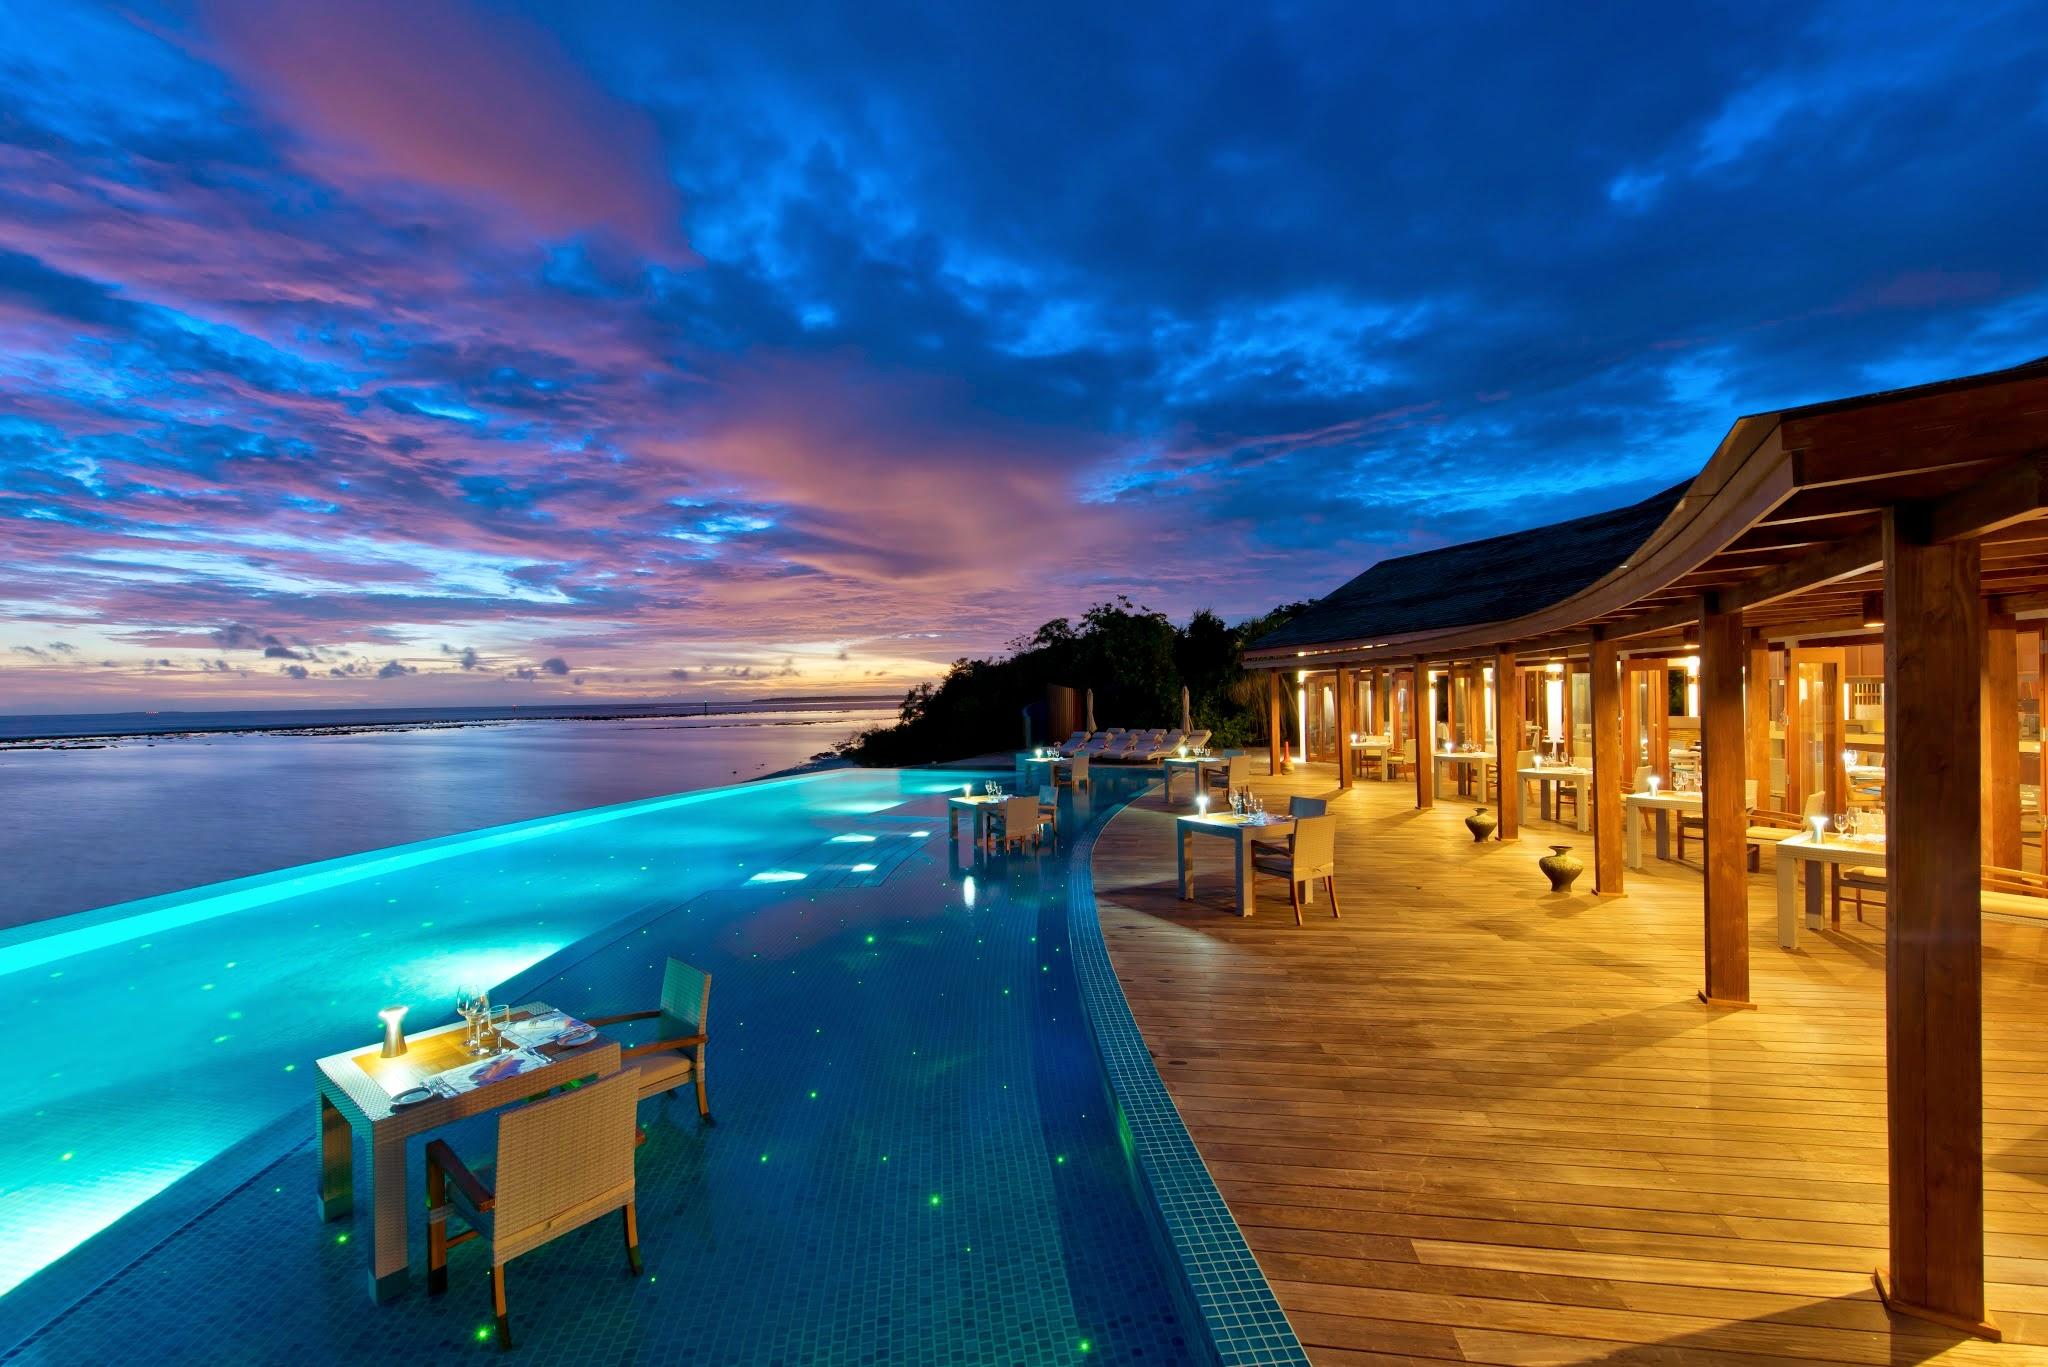 افضل الفنادق المتميزه في السعر في المالديف (5)